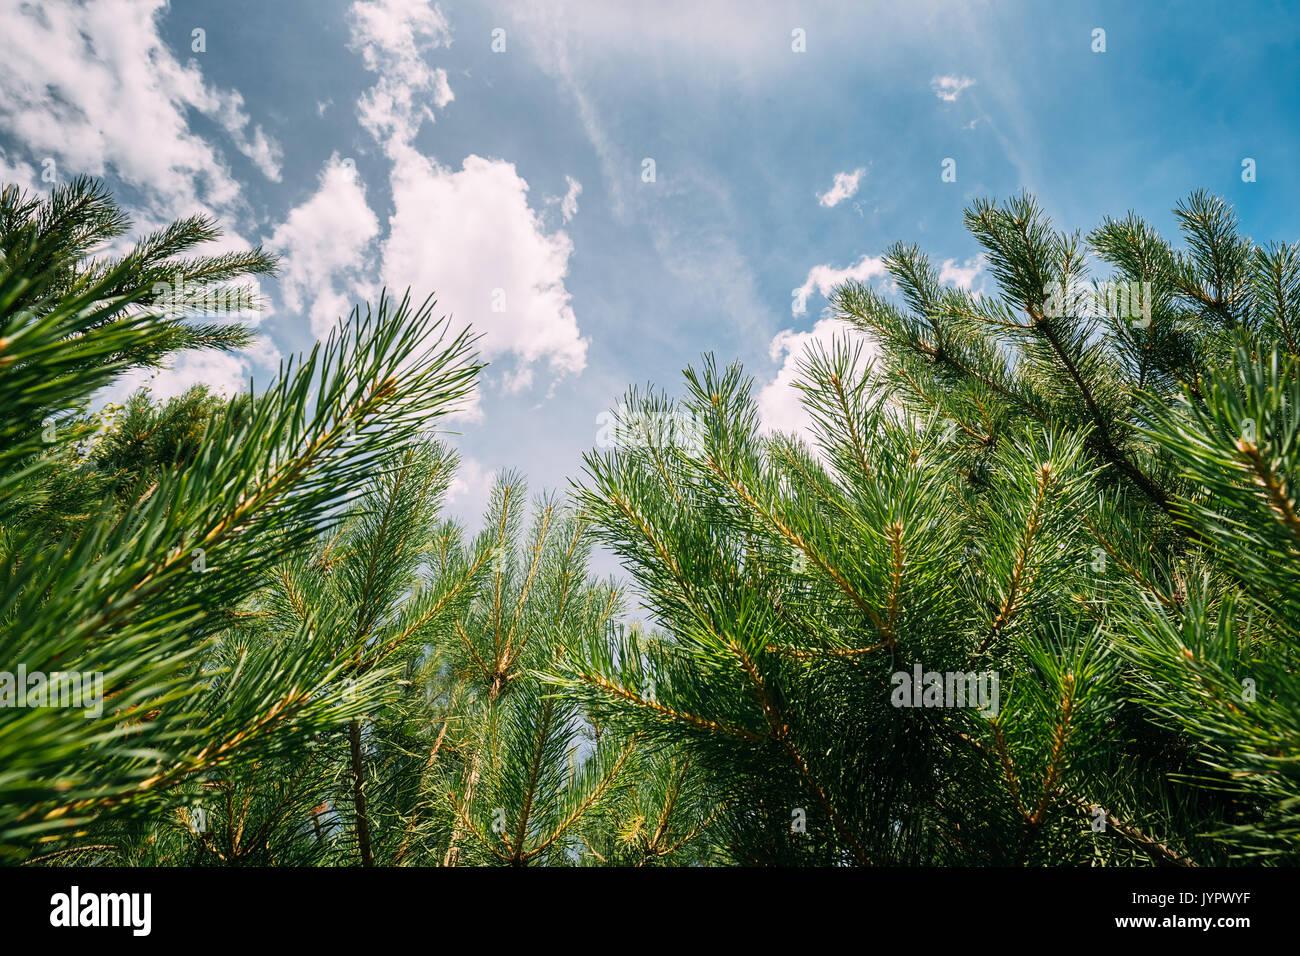 In der Nähe von Pine Zweige auf und blauer Himmel. Wald Wald. Stockbild